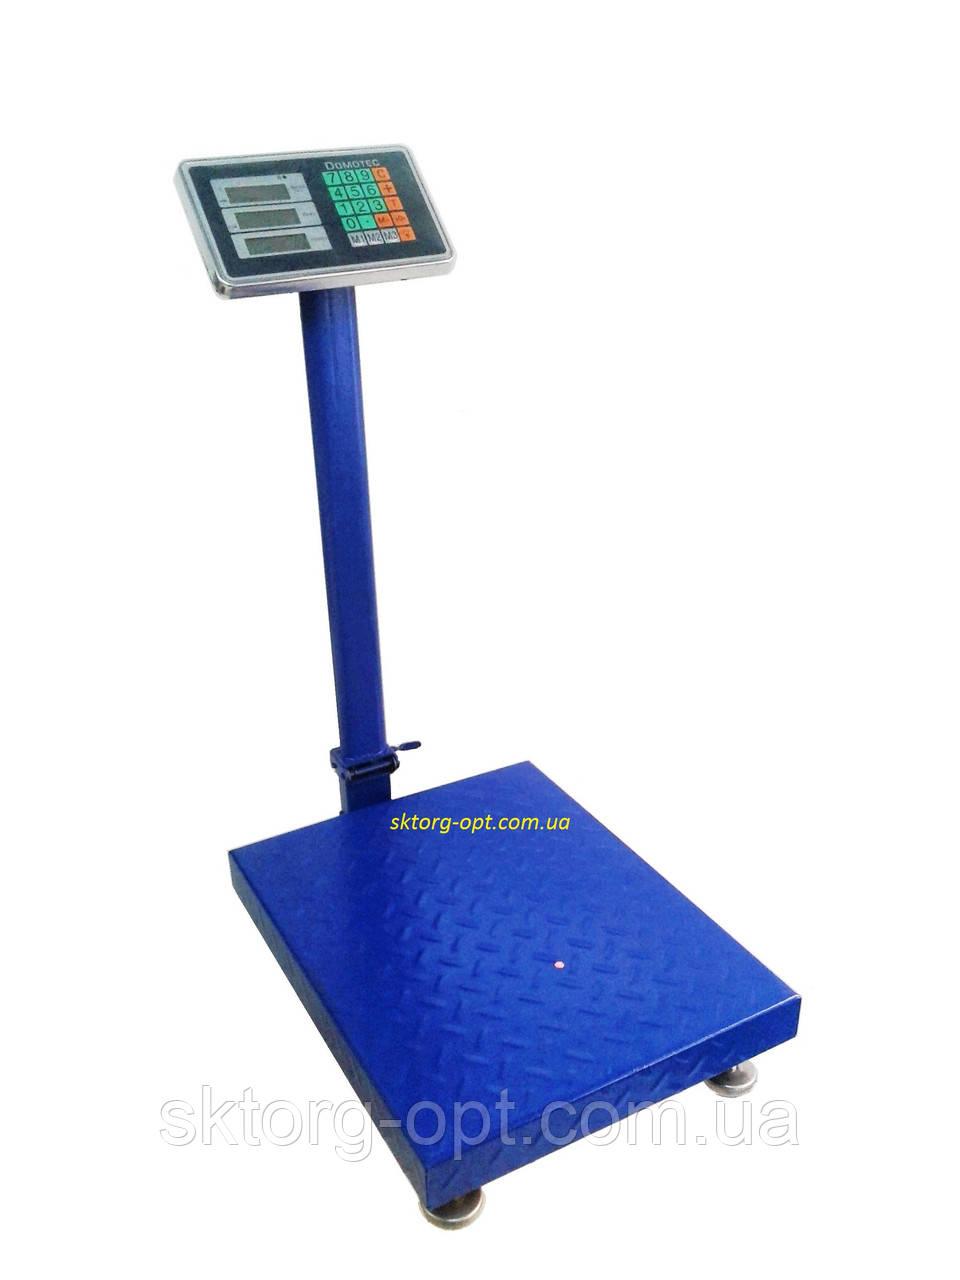 Весы торговые Domotec усиленные 300 кг